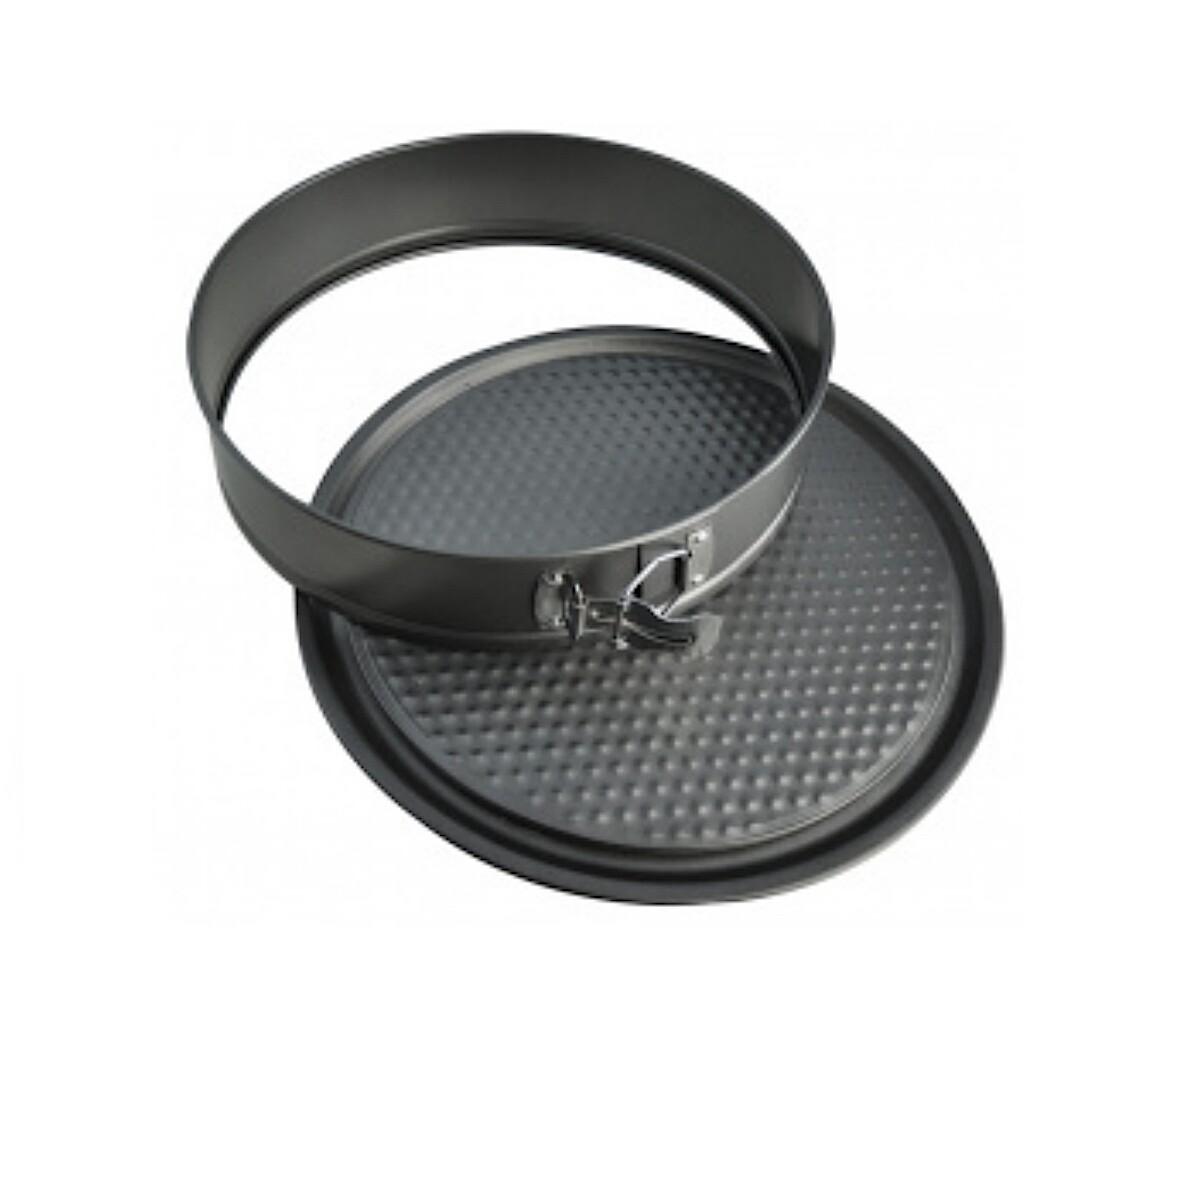 Форма для выпечки металлическая разъёмная антипригарная | Тарт набор 3 шт: Ø 24, 26, 28 см | H 4 см